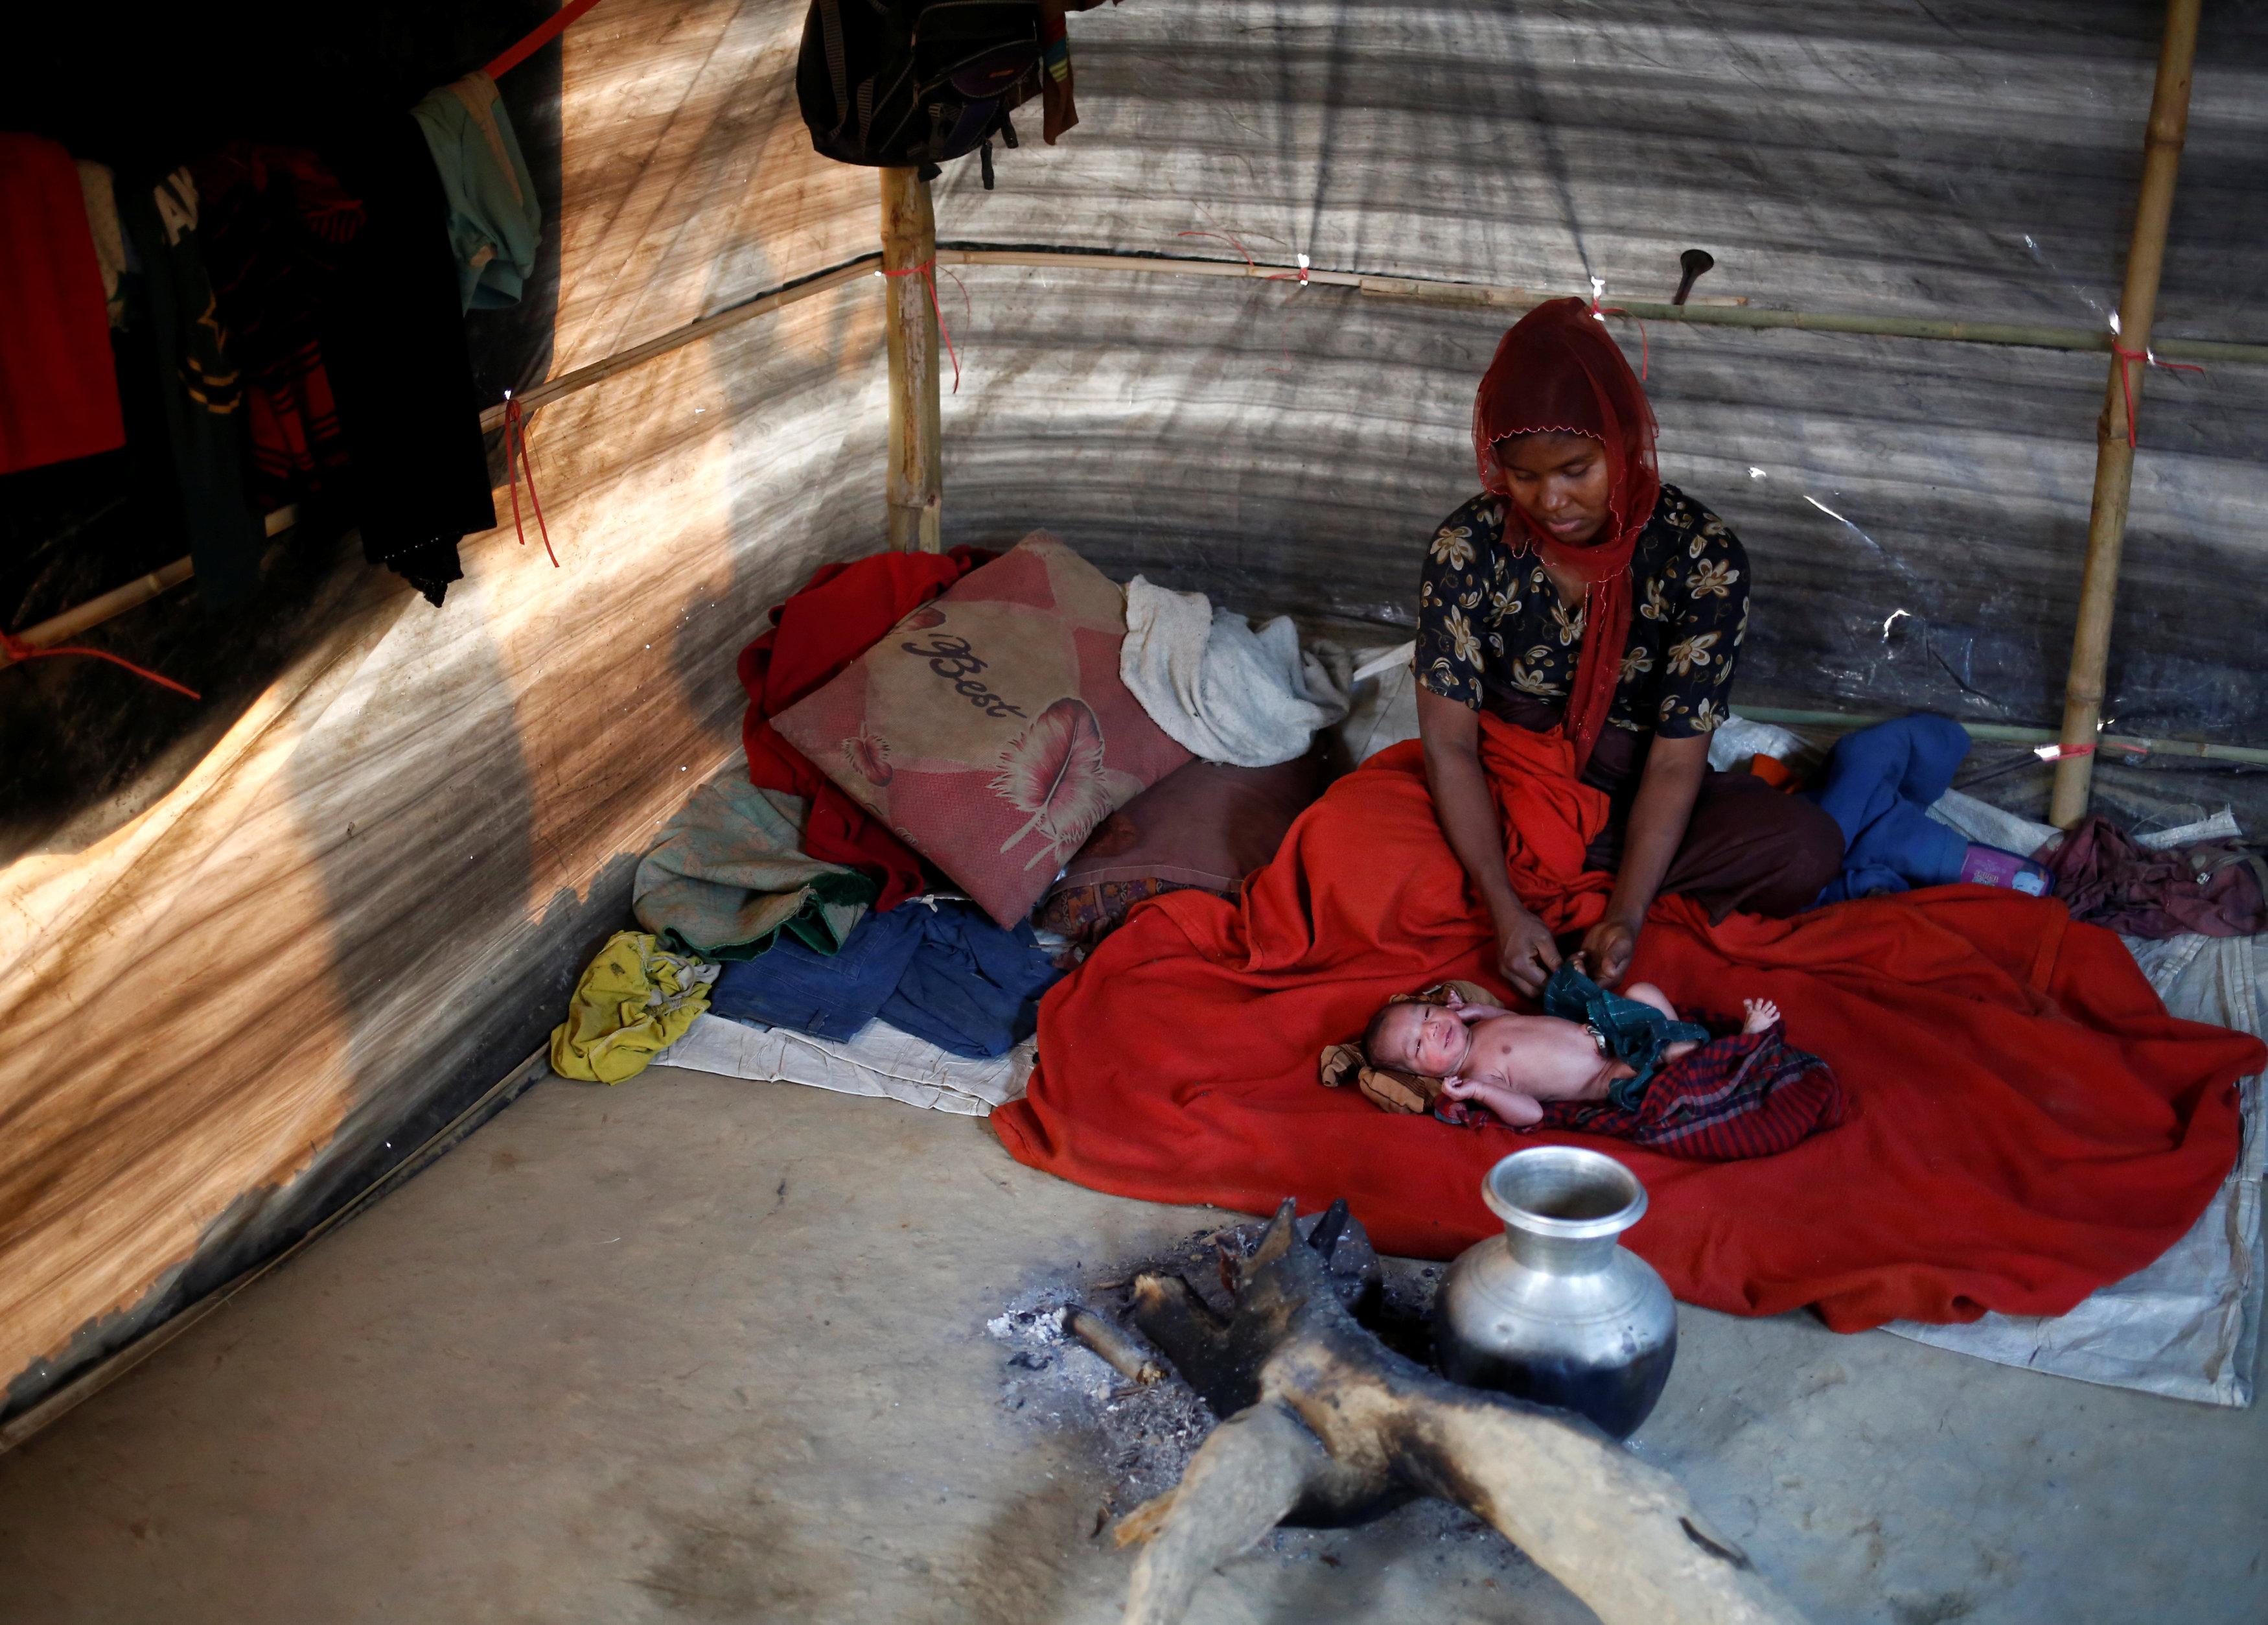 مخيم من البلاستيك يحمى سيدة من هجمات البوذيين